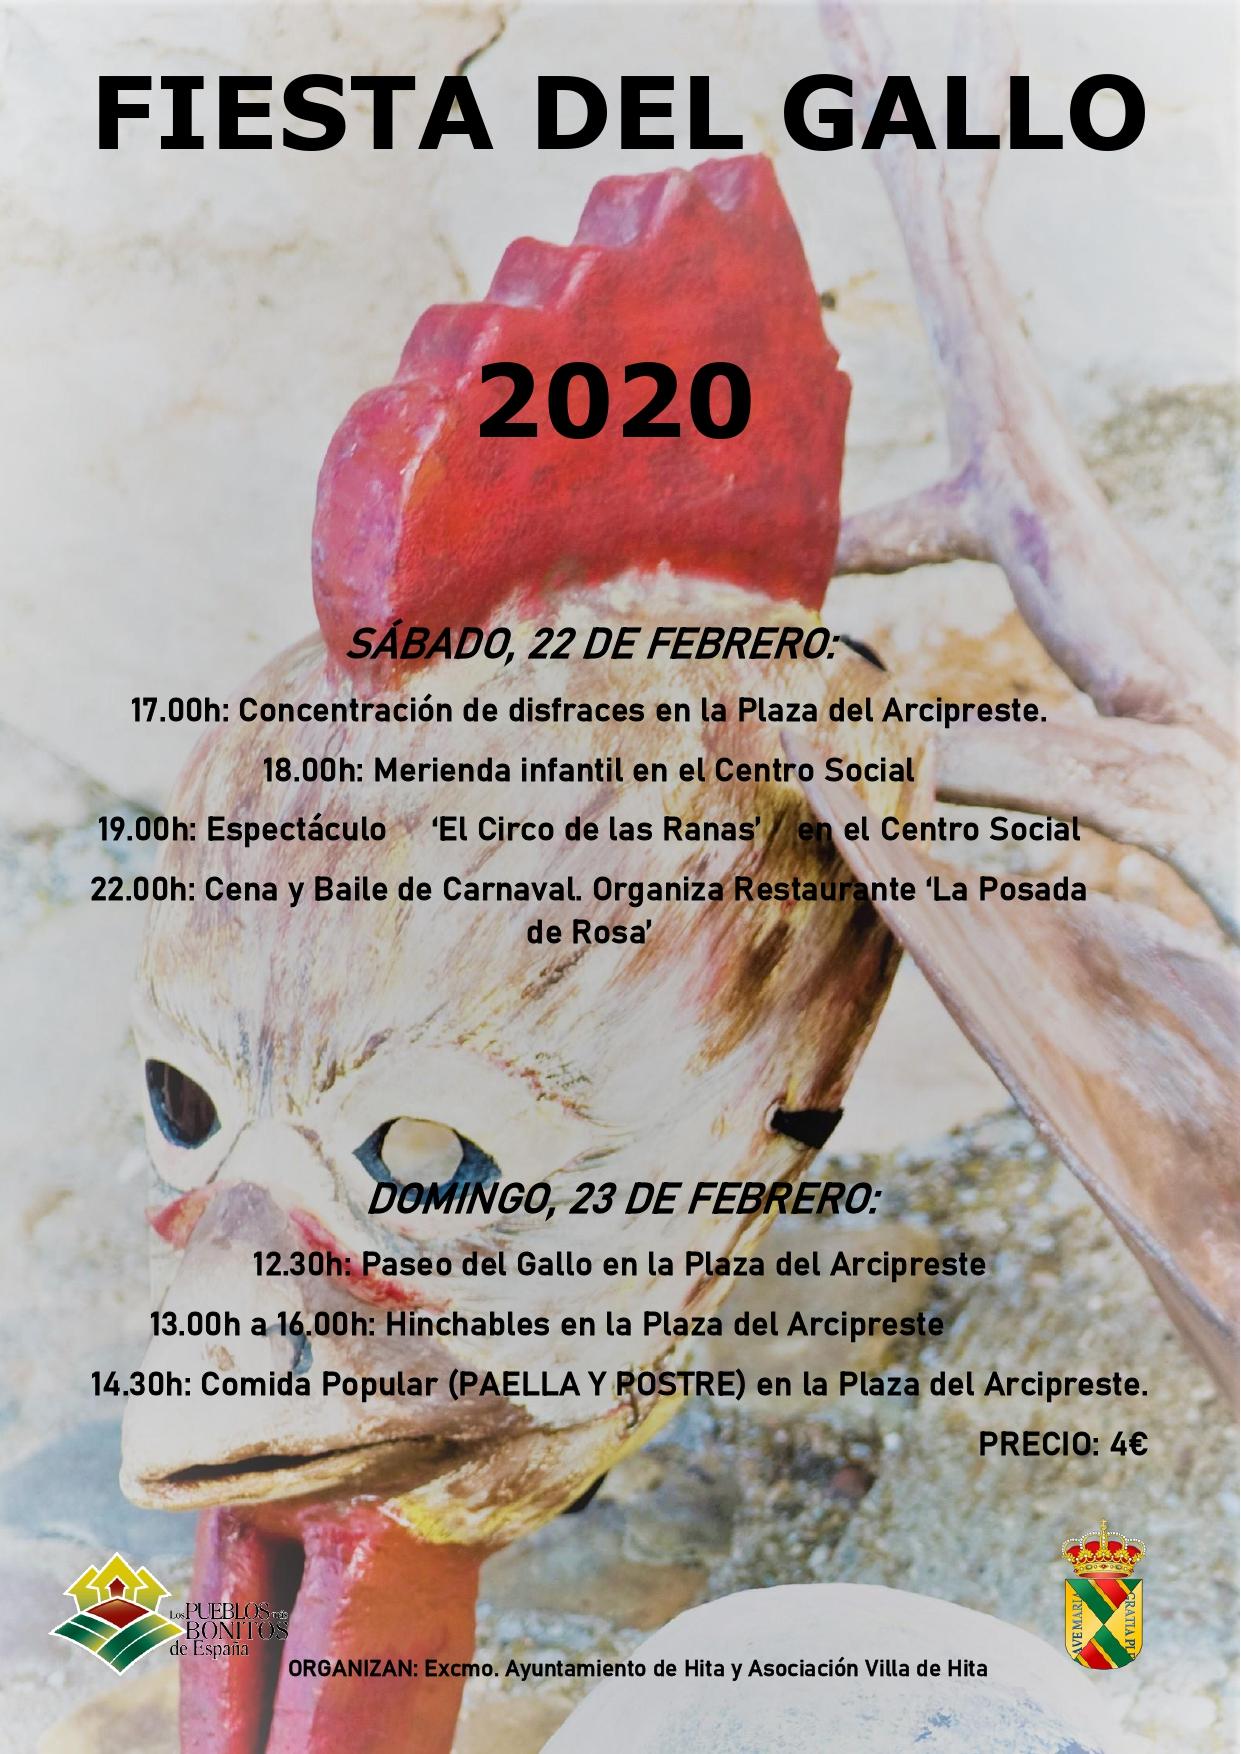 FIESTA DEL GALLO 2020 HITA